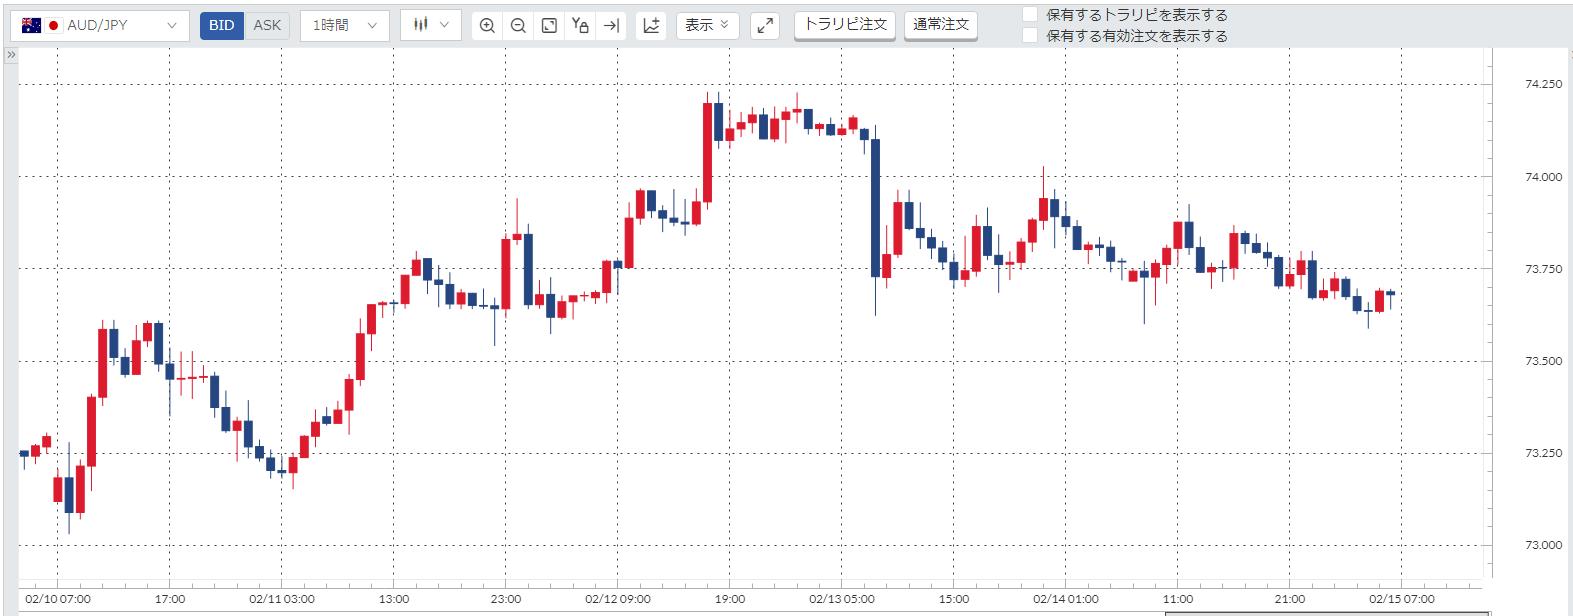 豪ドル円(AUD/JPY)週間チャート_200210-200214